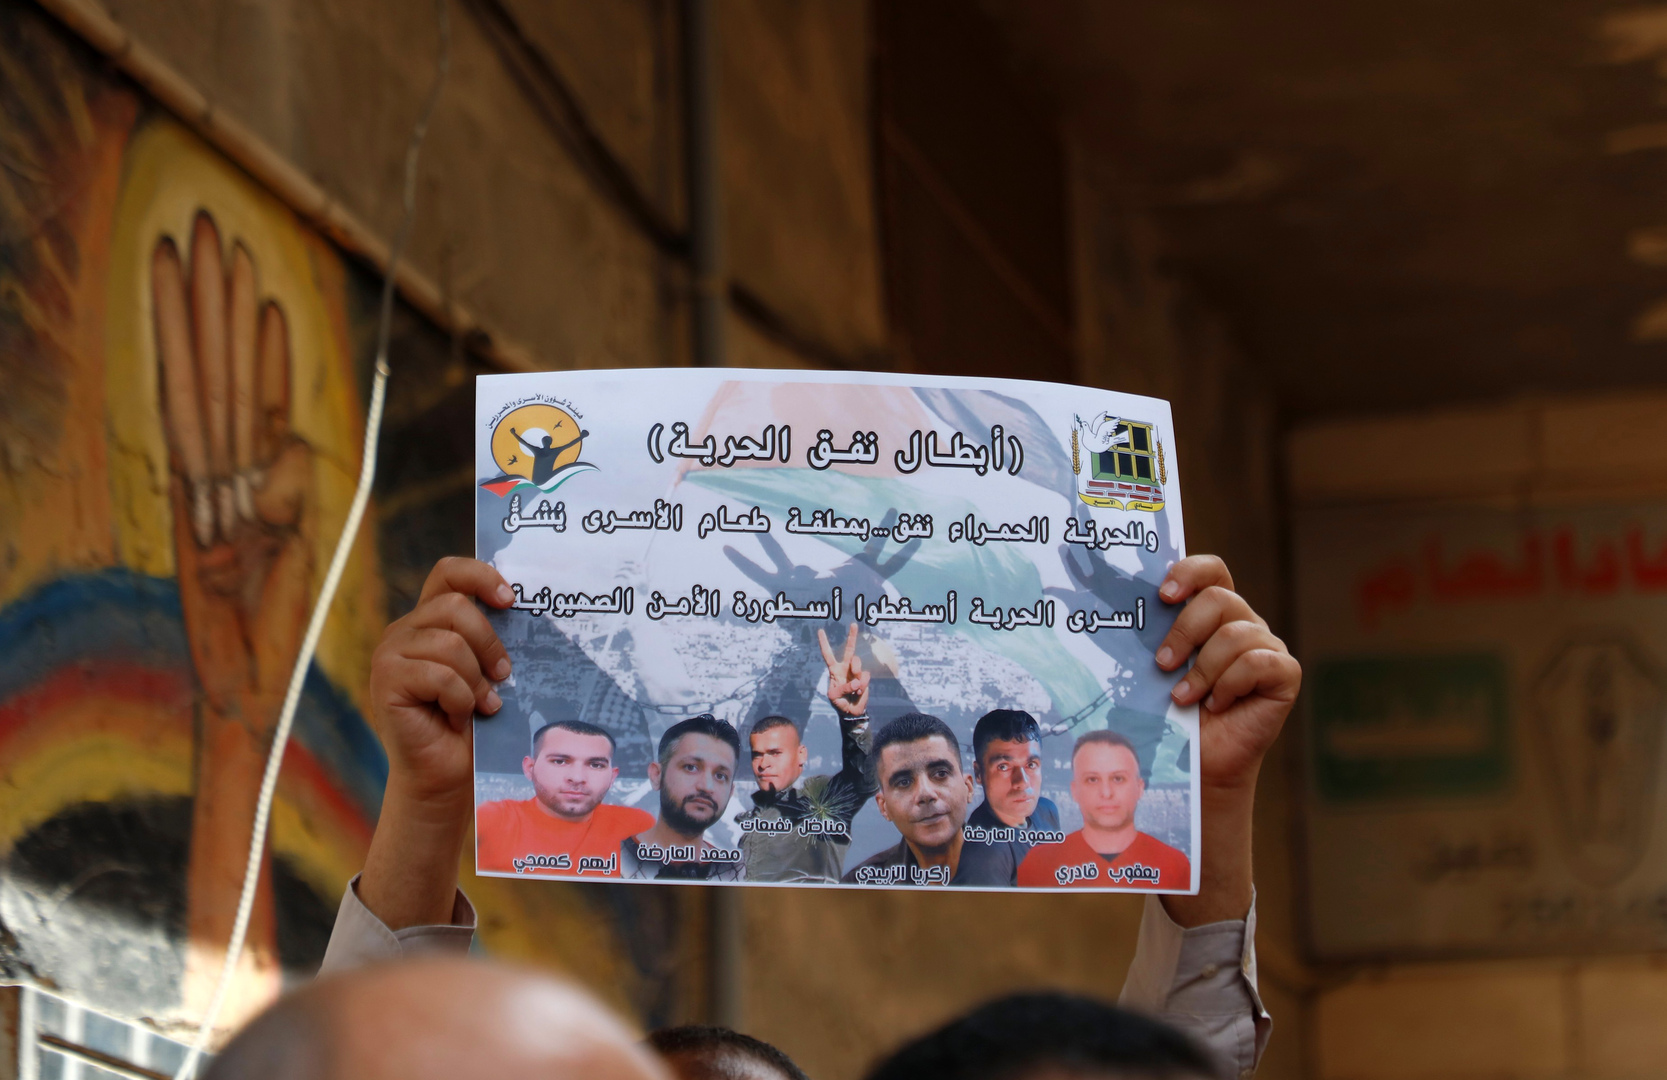 Den Palæstinensiske Fangemyndighed meddeler, at dens advokater vil besøge de genarresterede fanger